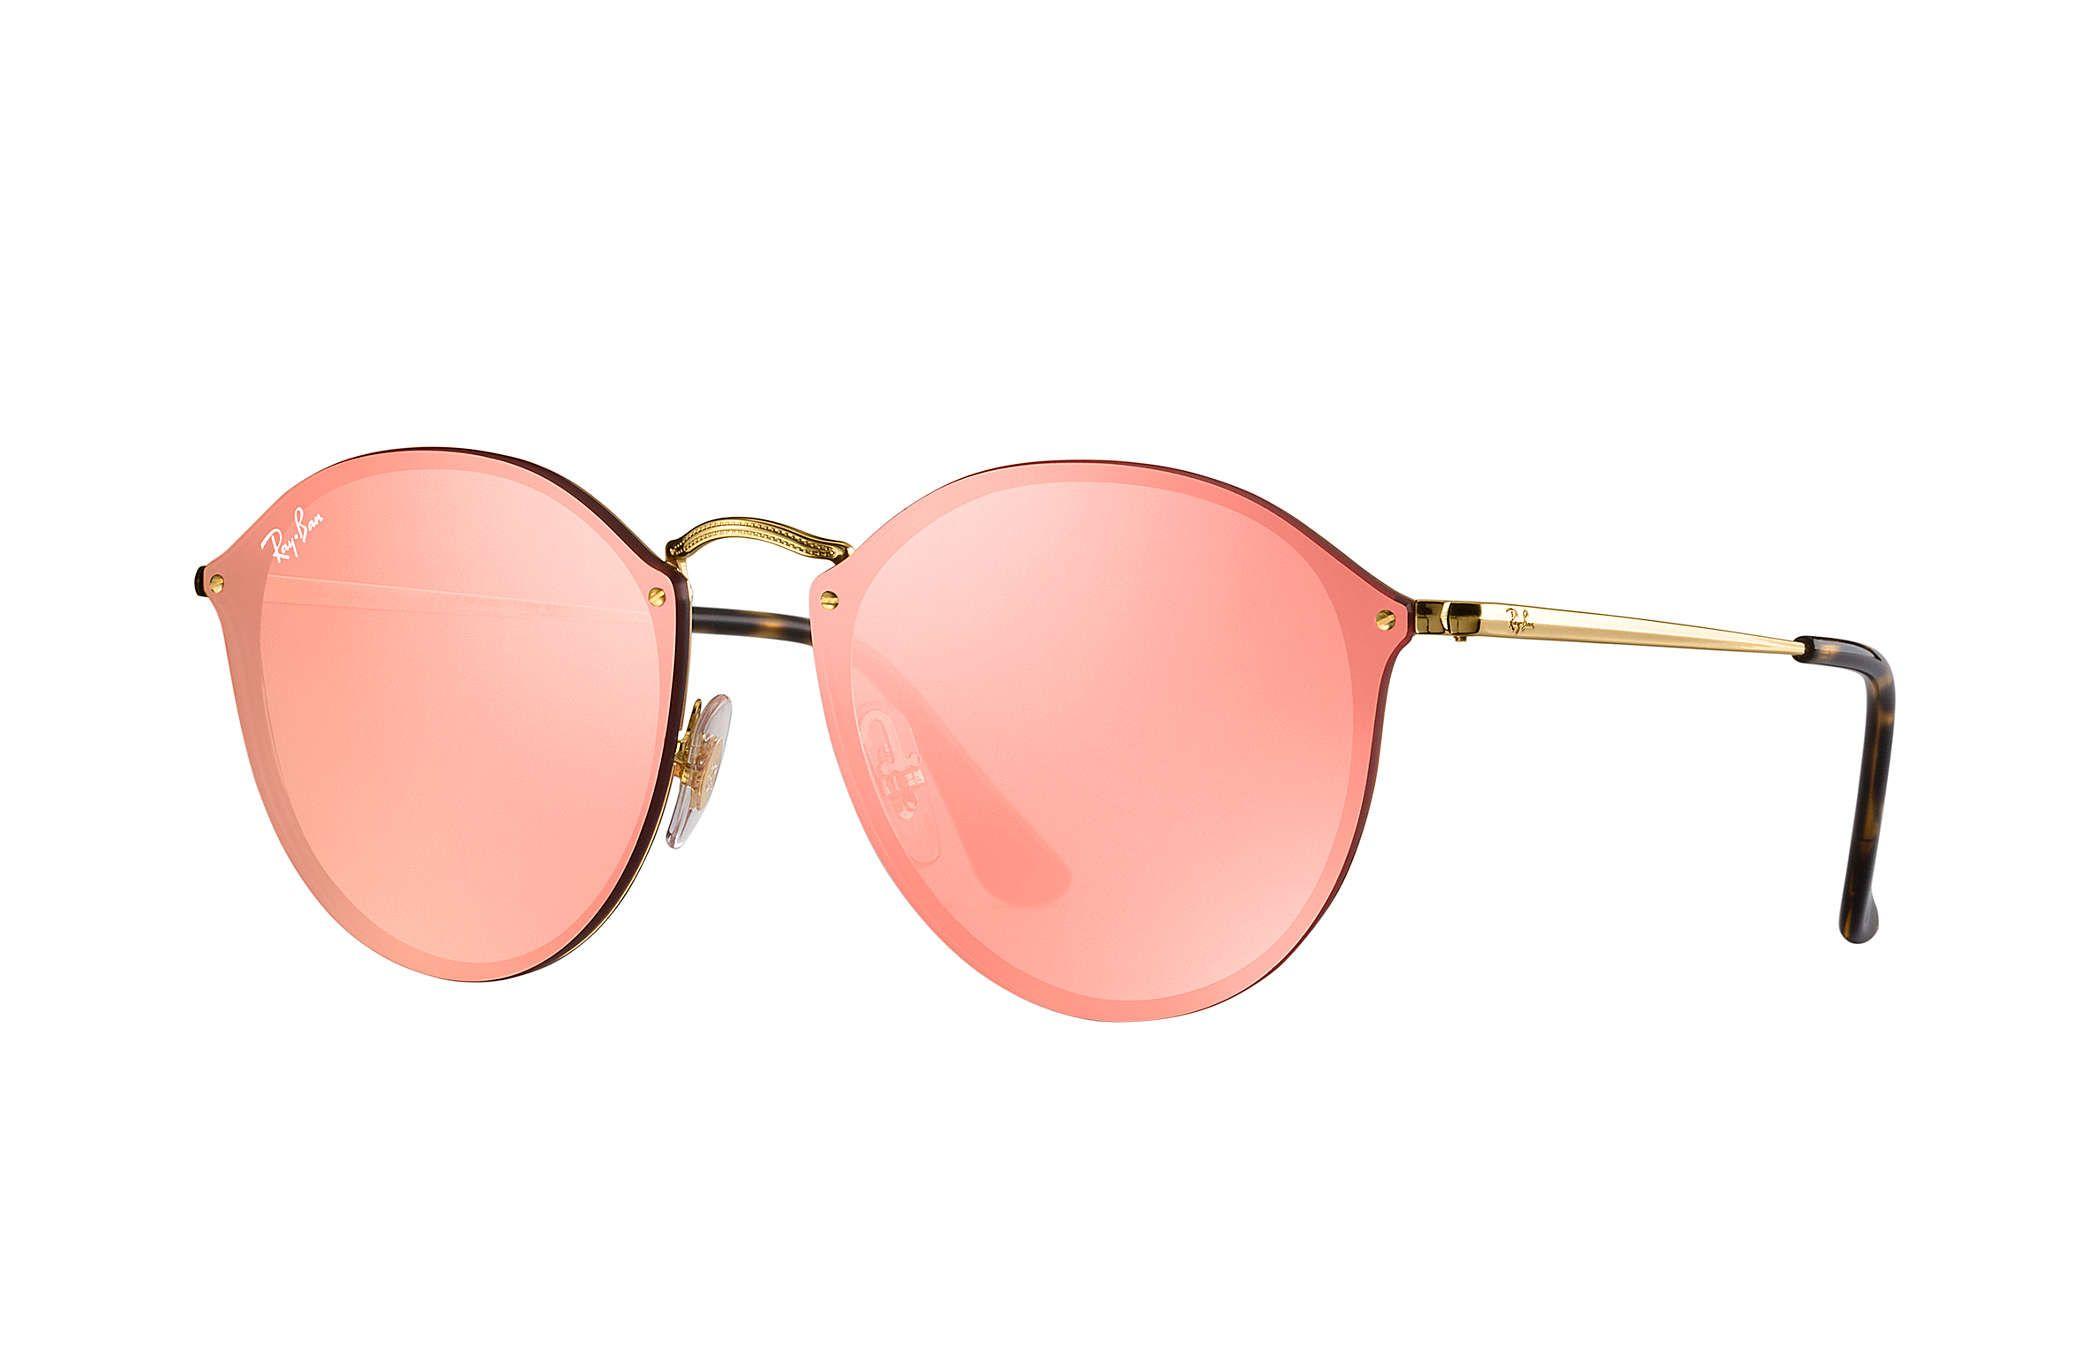 d7d291c1be682 Luxottica S.p.A   Sunglasses   Óculos, Oculos de sol, Acessórios